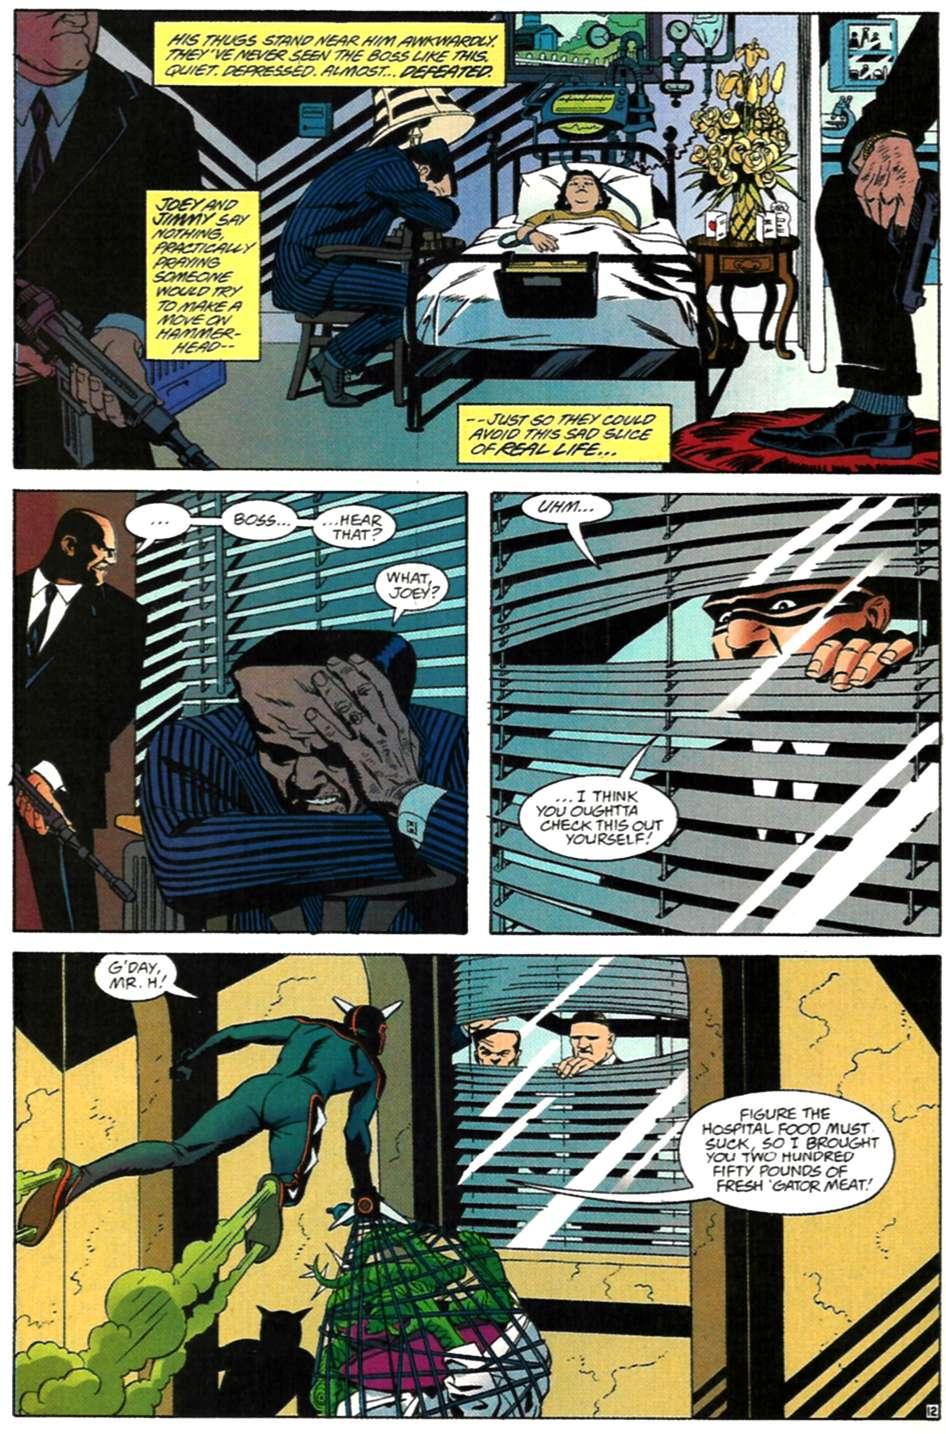 Read online Spider-Man: Lifeline comic -  Issue #3 - 13